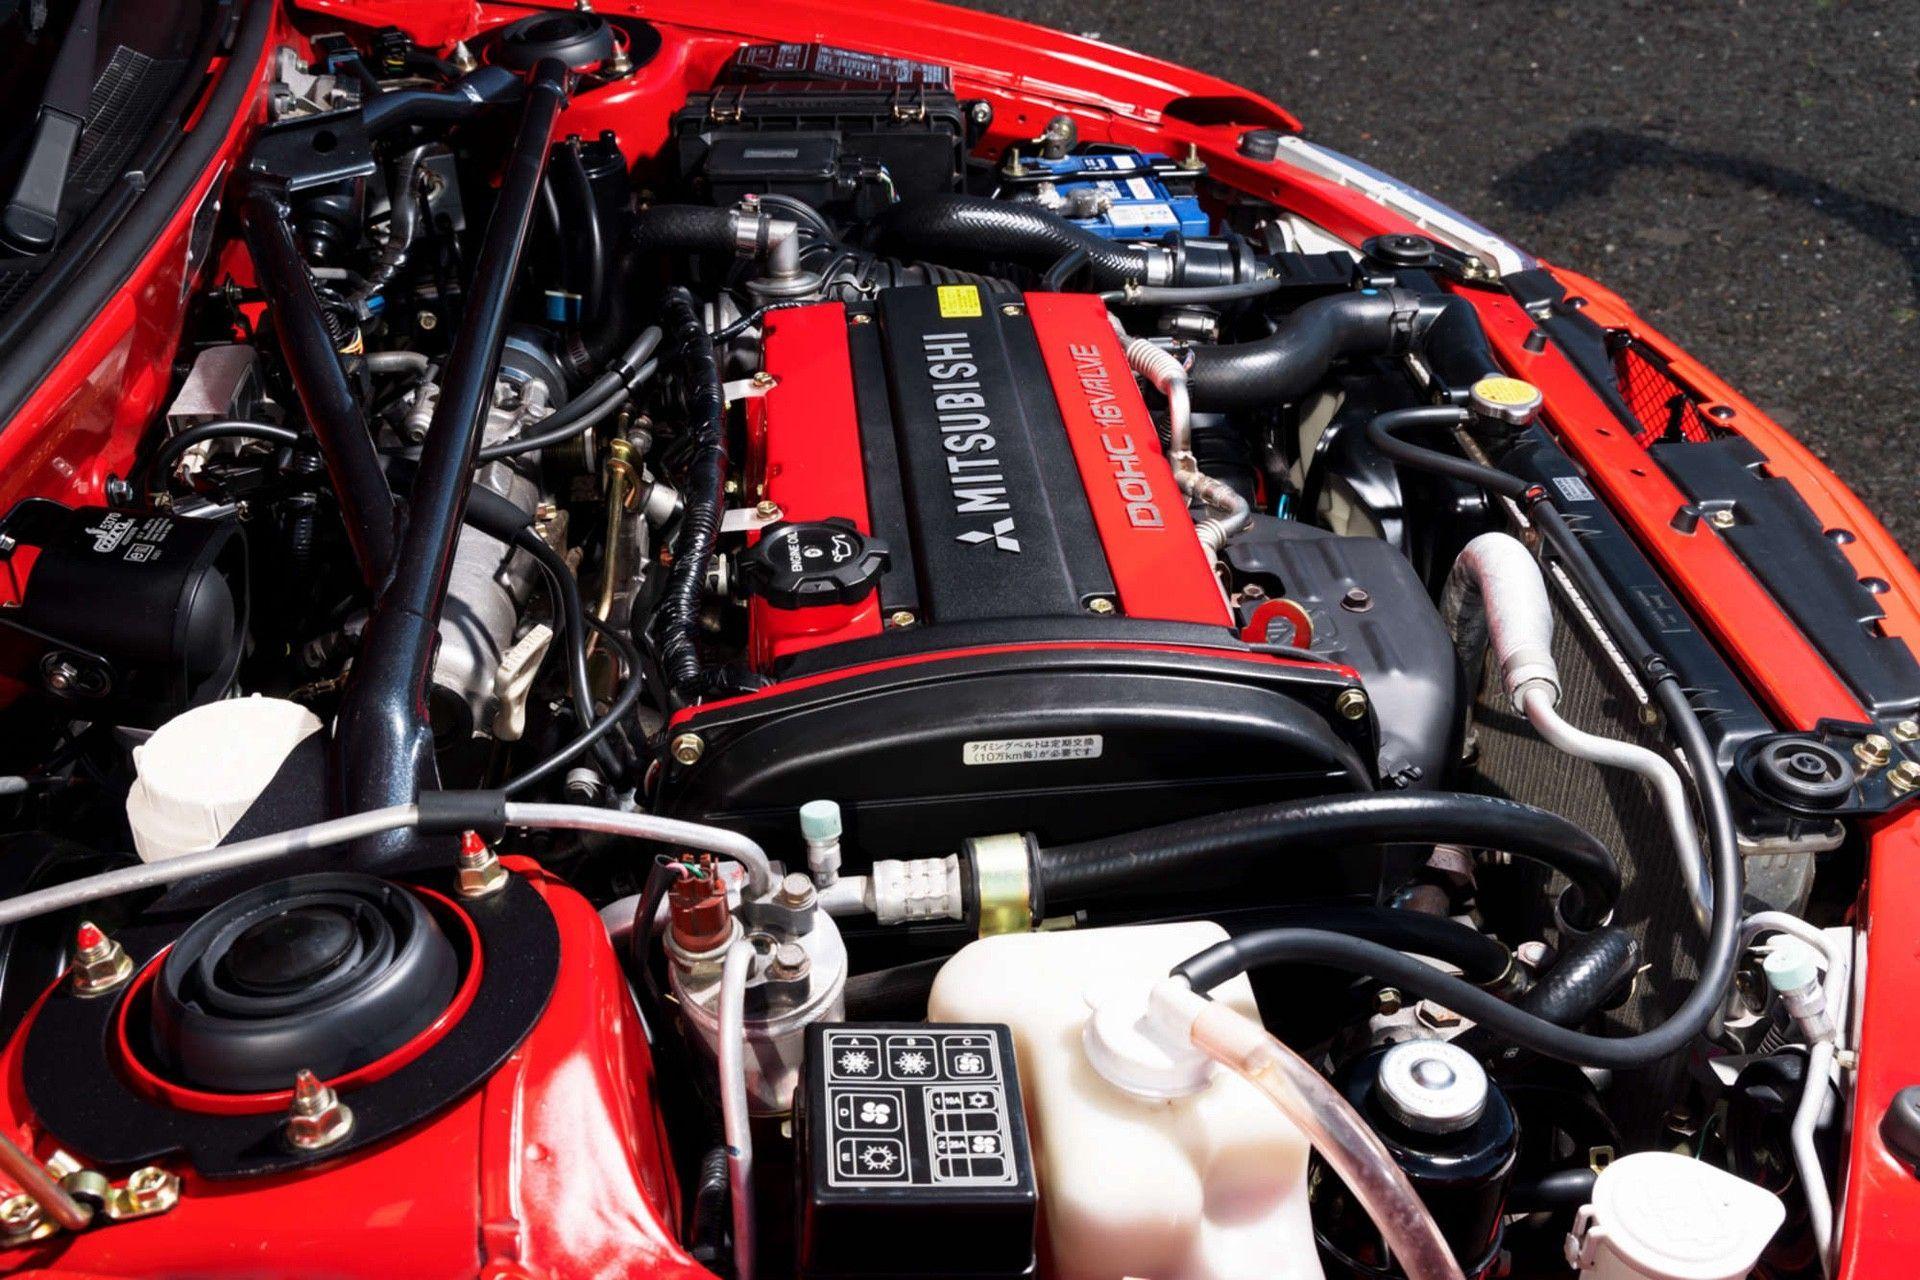 2000_Mitsubishi_Lancer_Evolution_VI_Tommi_Makinen_Edition_sale-0003